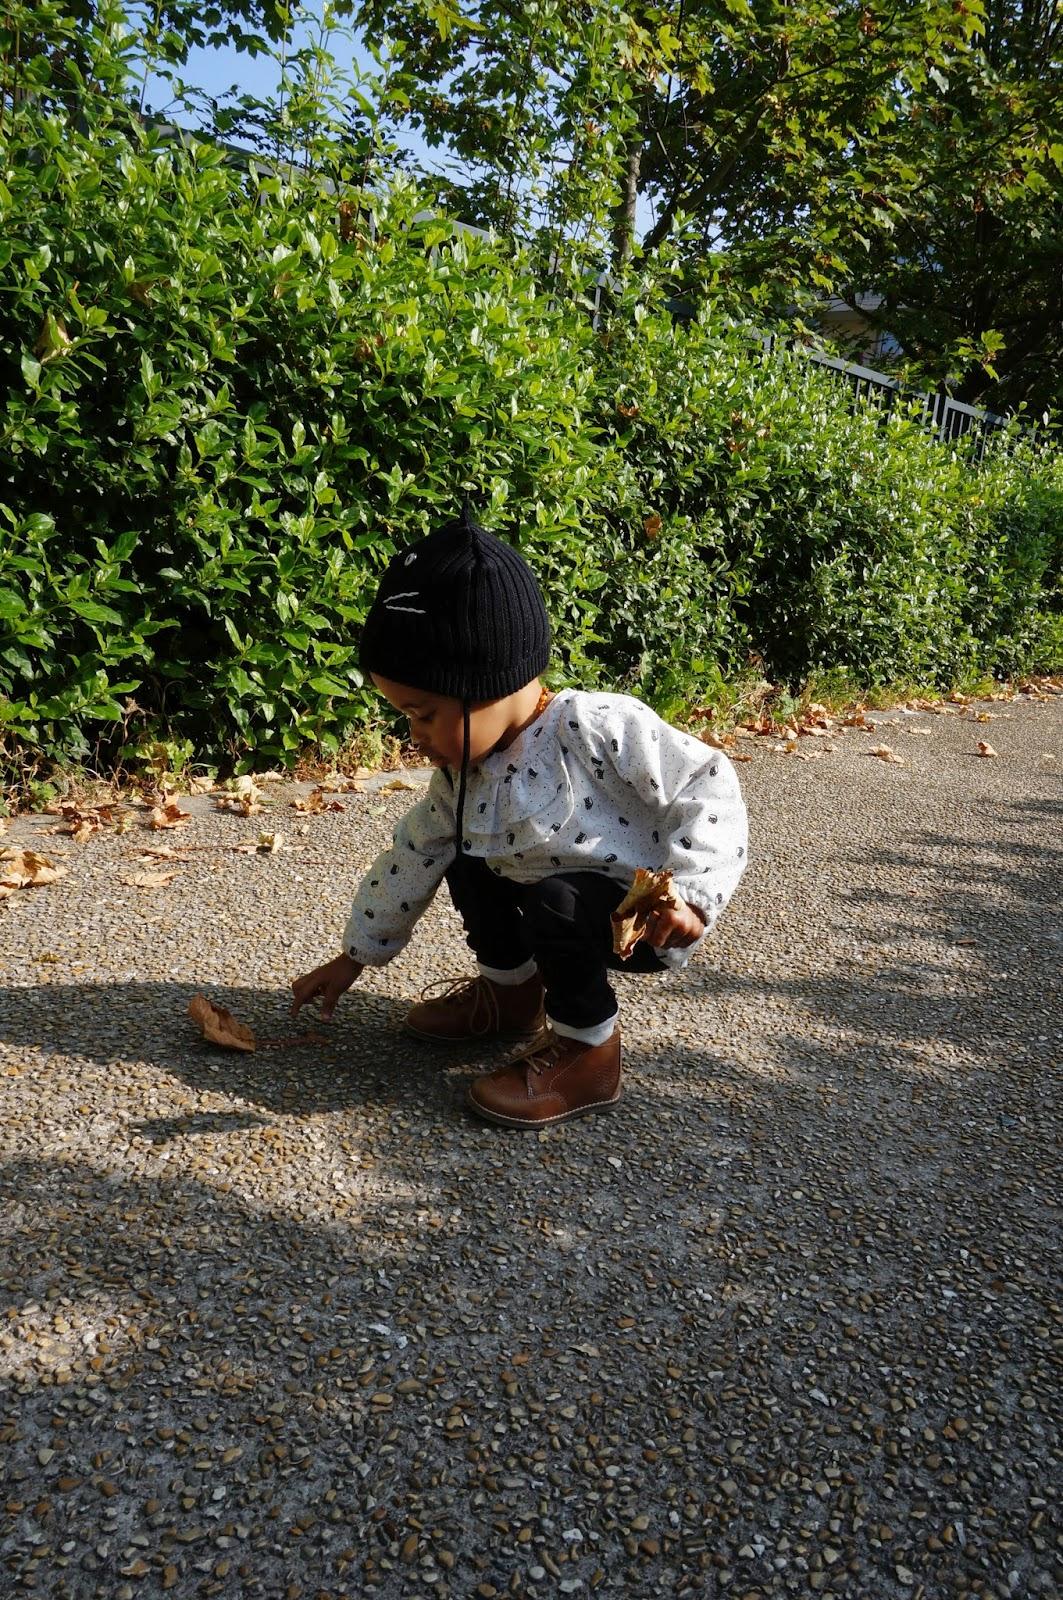 La mare aux canards le blog d 39 une parisienne les chats for Portent 2014